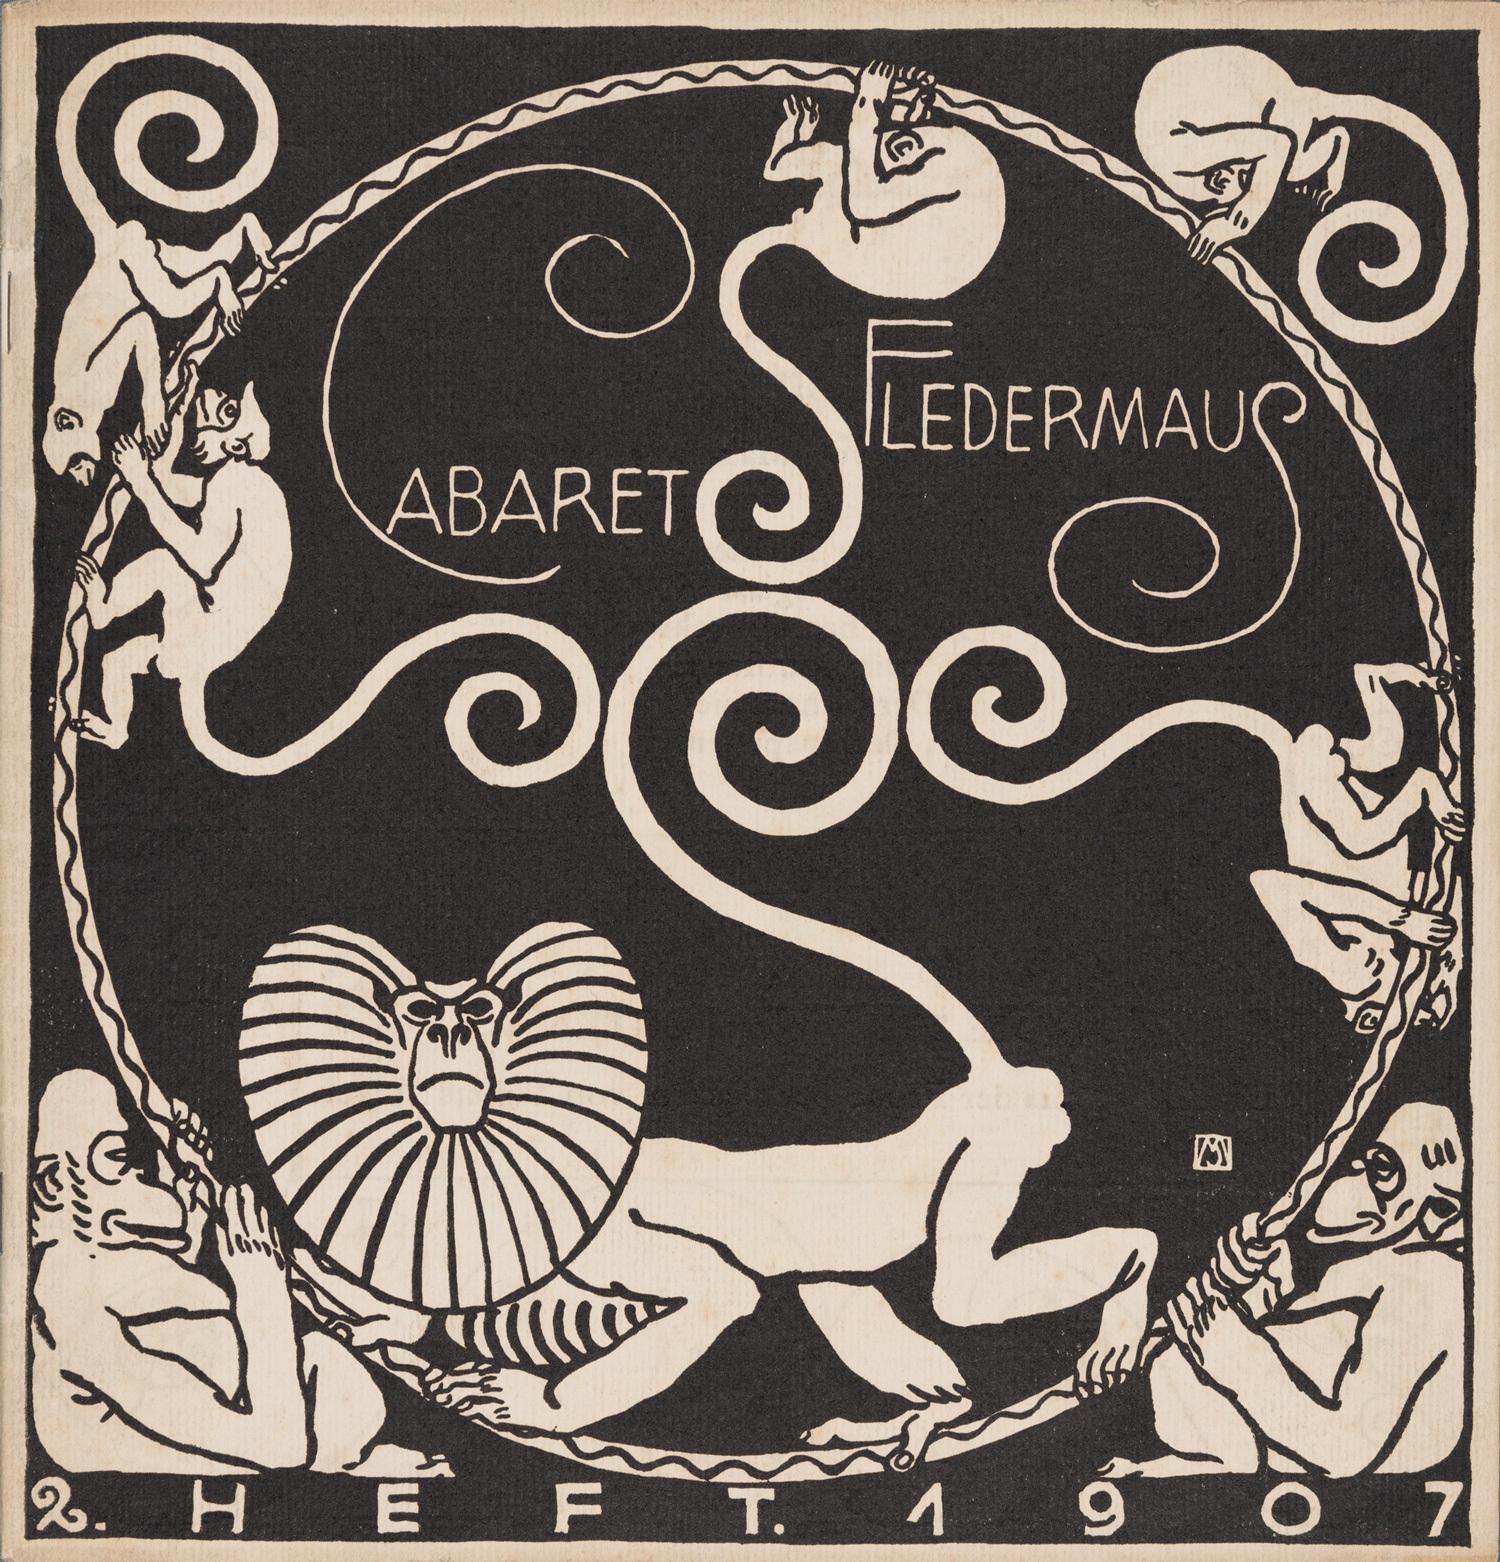 表紙:モーリツ・ユンク、装丁:カール・オットー・チェシュカ『キャバレー〈フレーダーマウス〉上演本』第2号 1907年 京都国立近代美術館